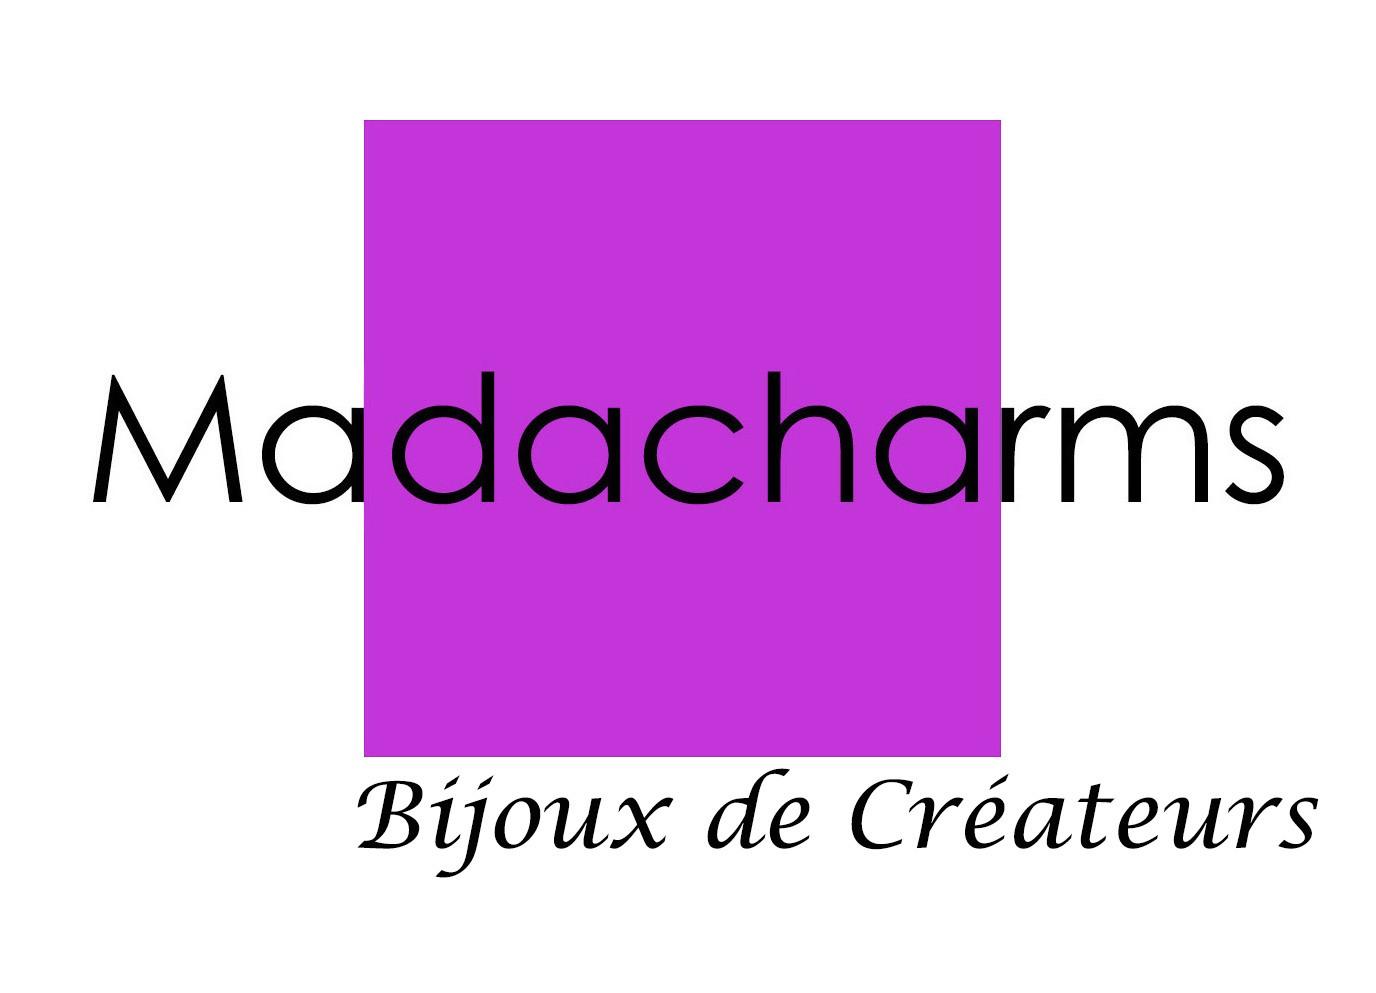 Madacharms Bijoux de créateurs